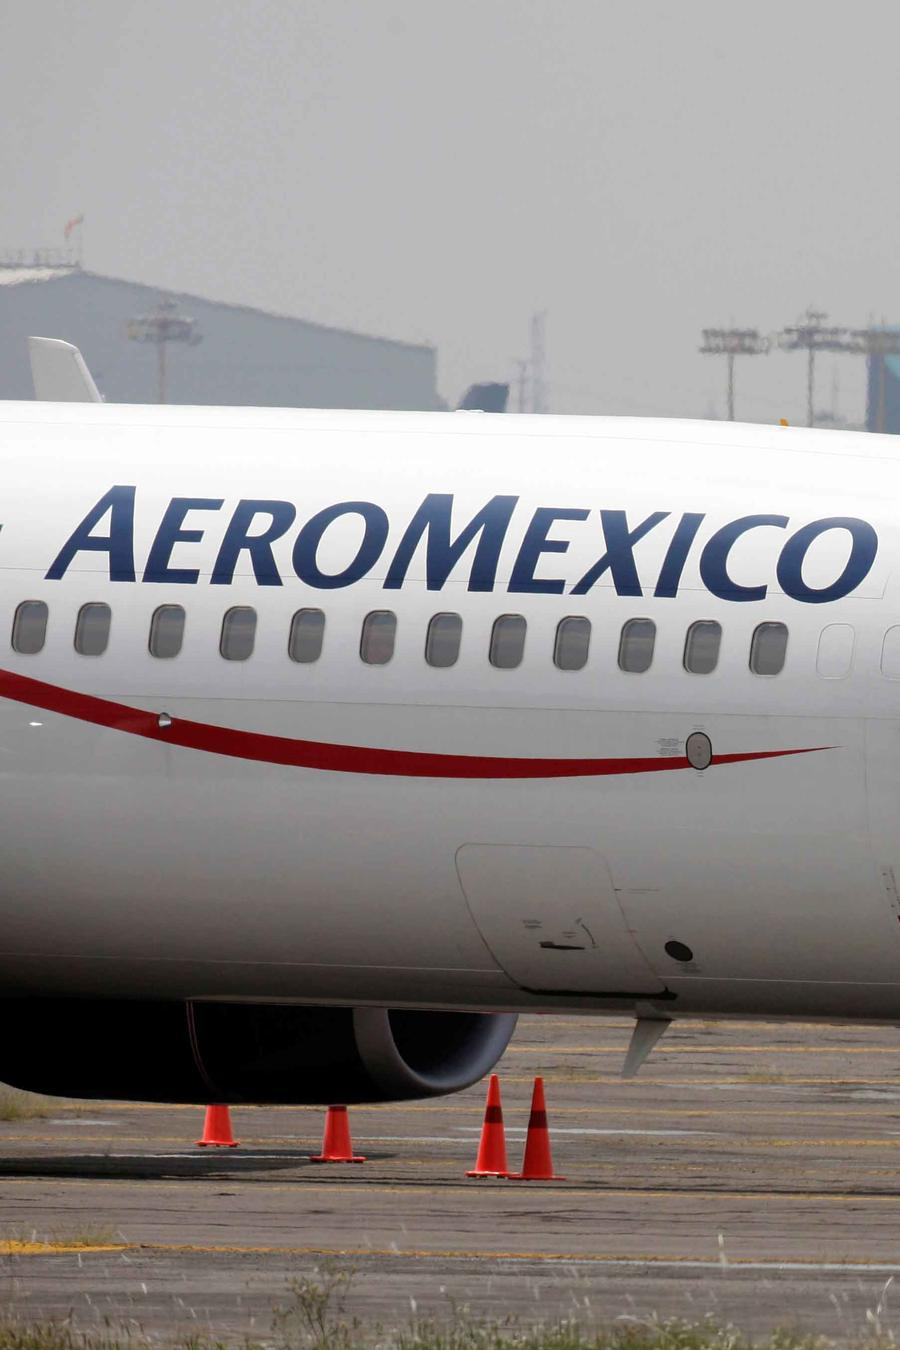 Avión de Aeromexico en rampa en un aeropuerto